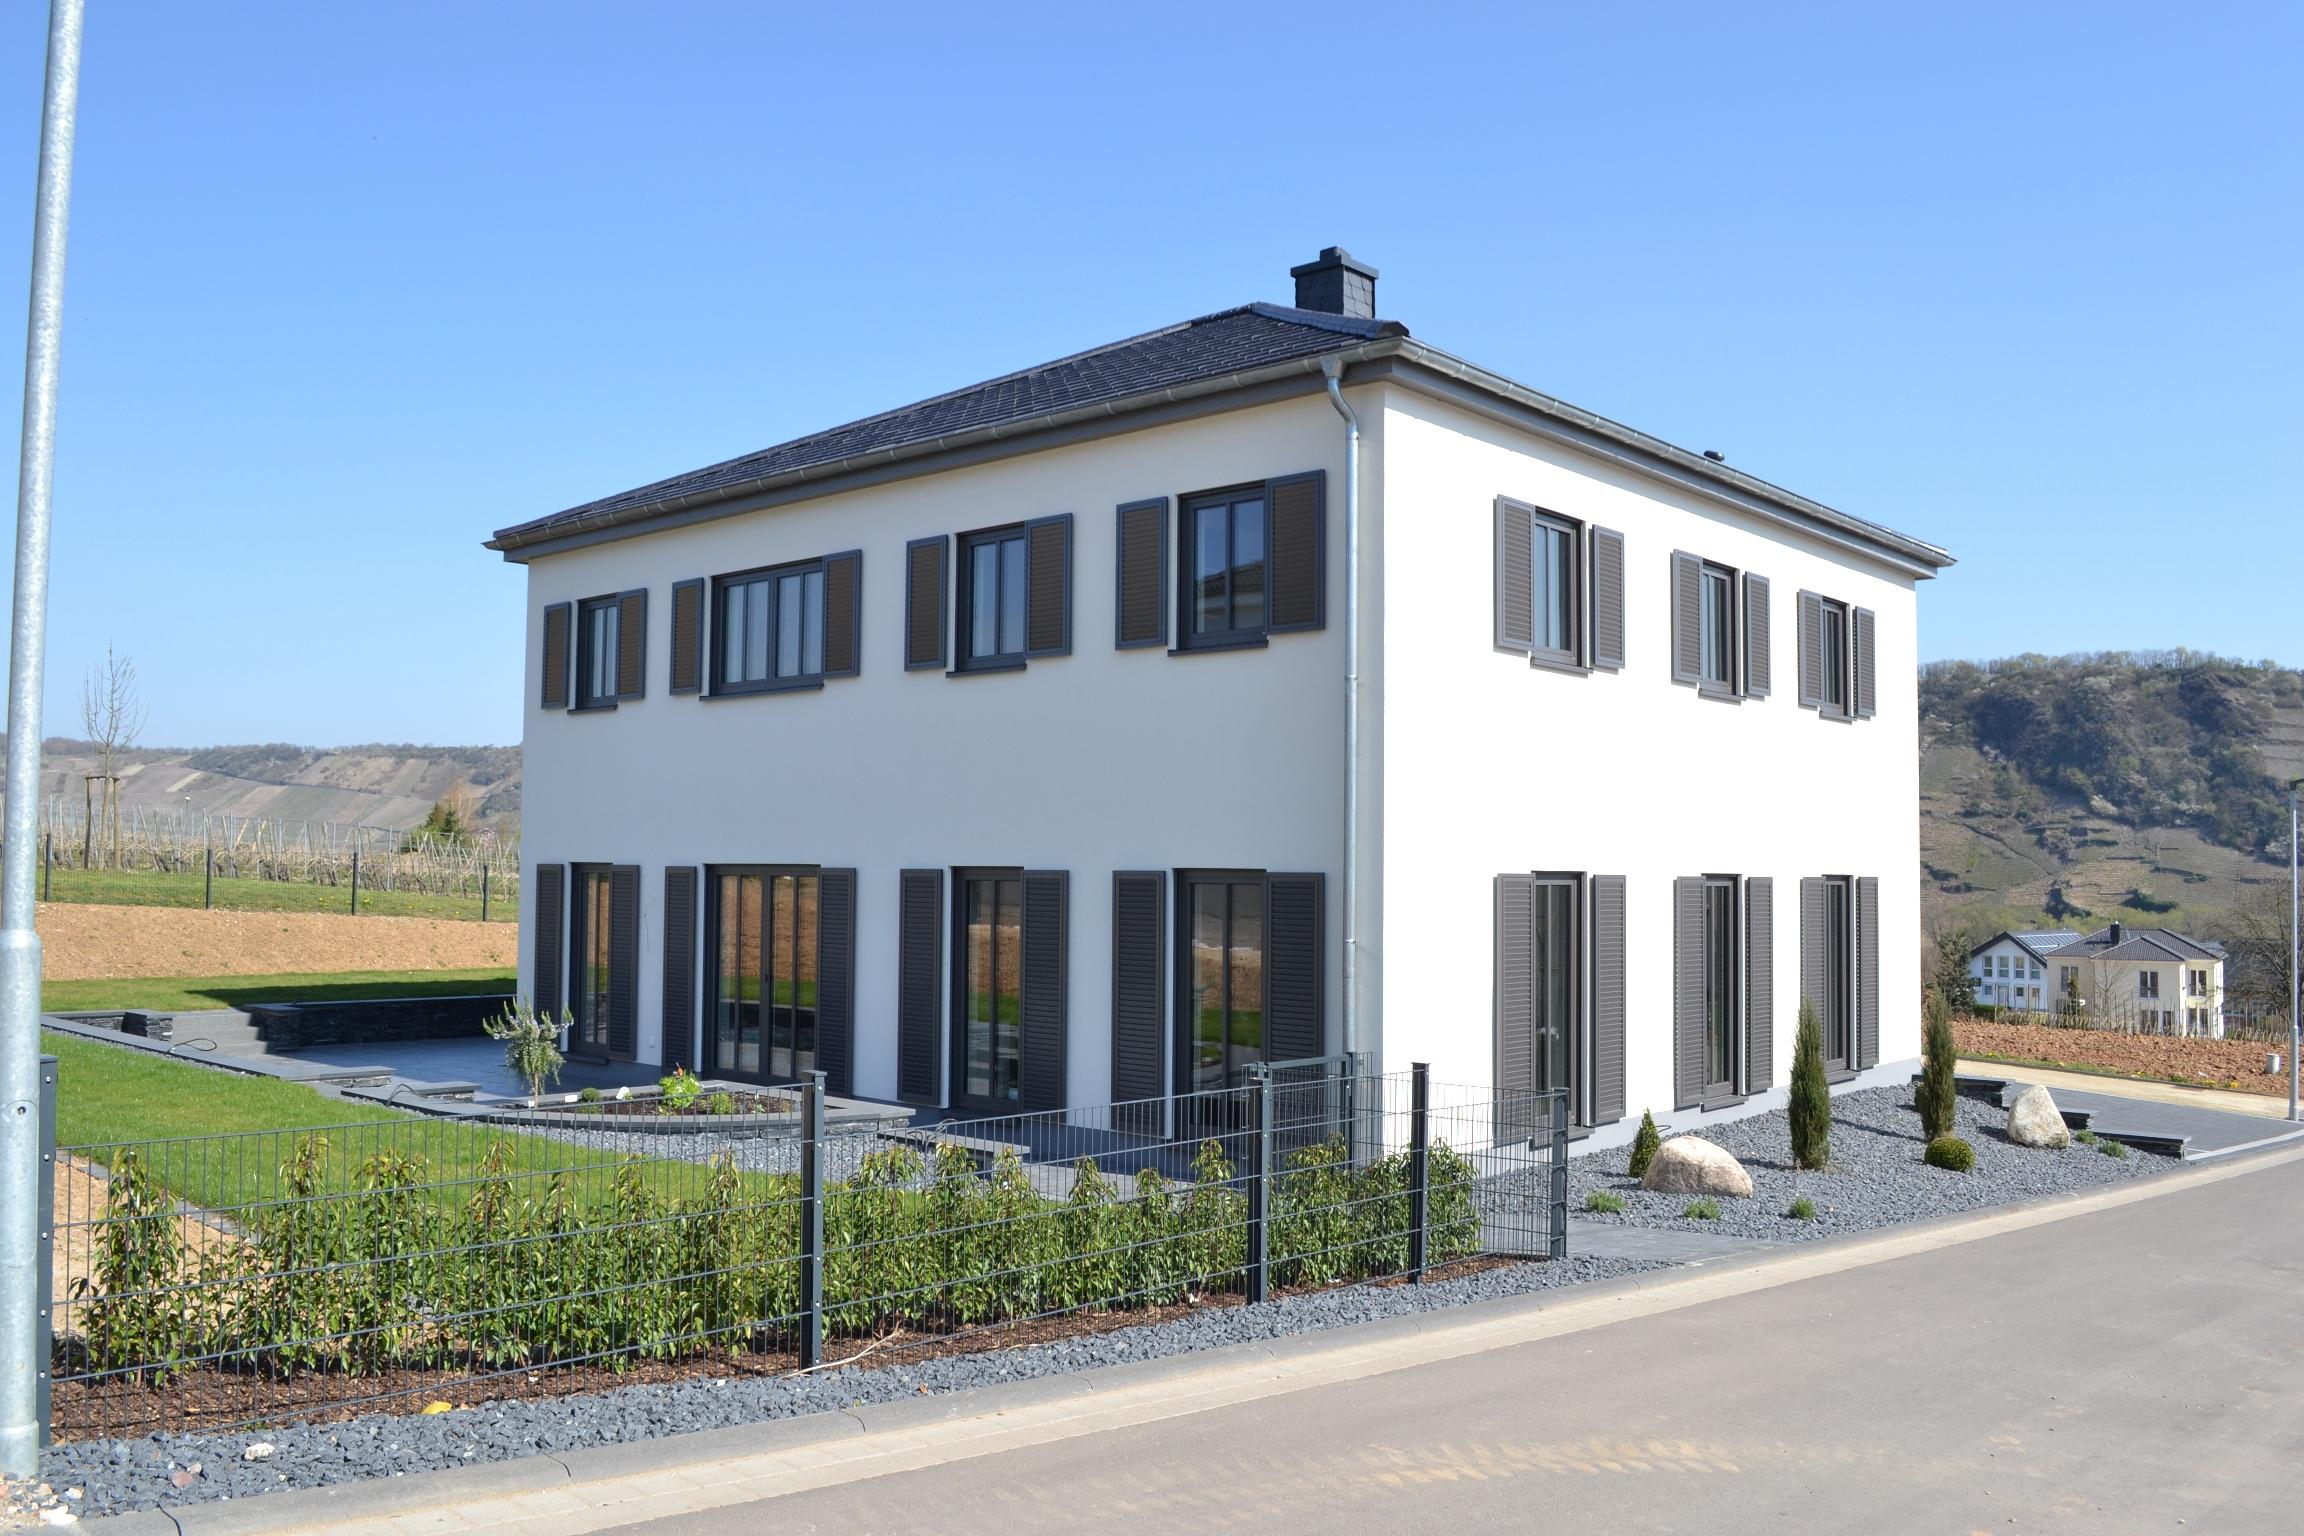 Bauen, Sanieren & Modernisieren - Marktplatz egion rier size: 2304 x 1536 post ID: 1 File size: 0 B